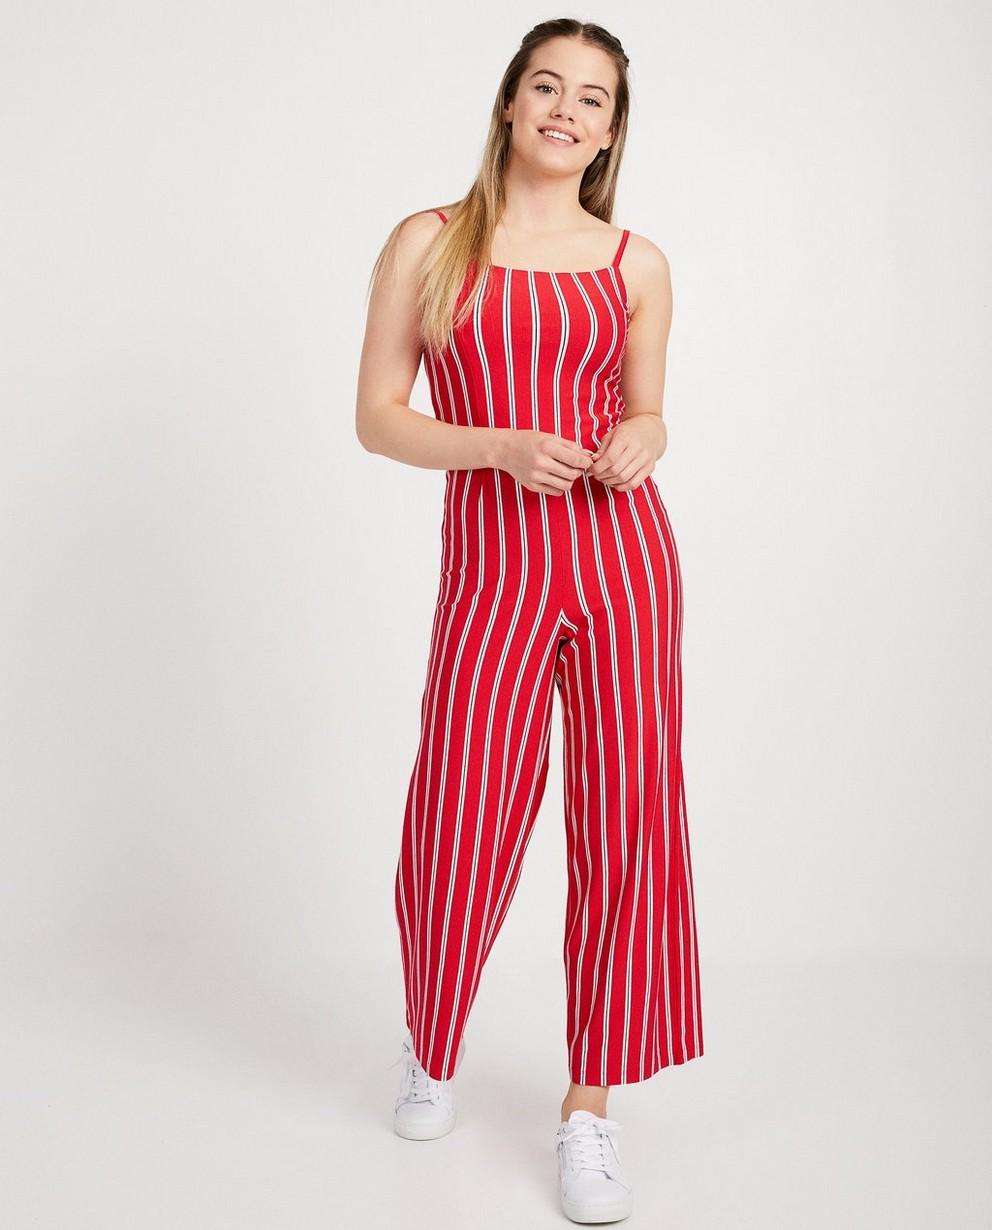 Roter Jumpsuit mit Streifen - aus Viskose - JBC